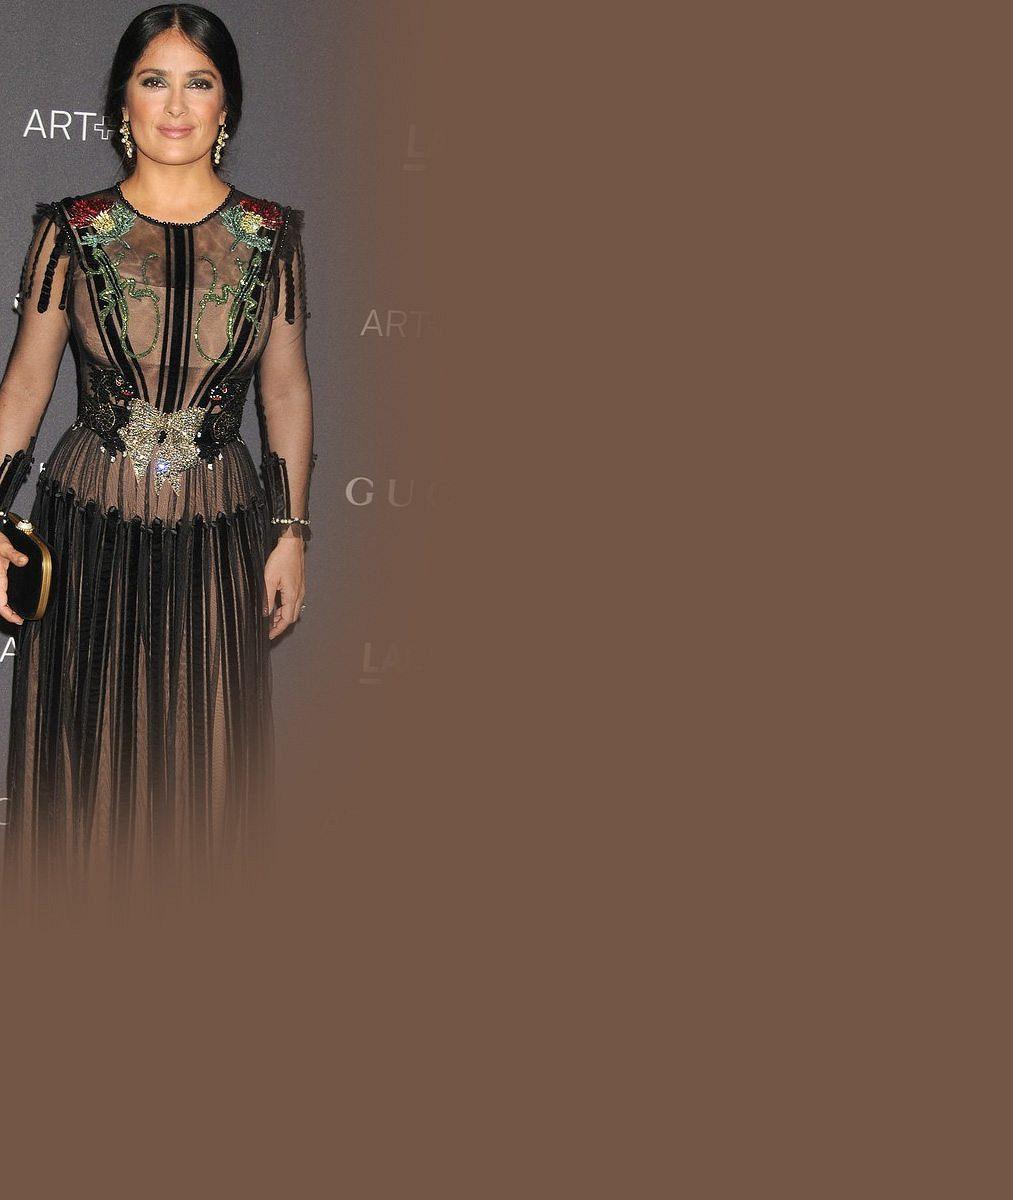 Padesátnice Salma Hayek předvedla v průsvitných šatech své obdivované ženské zbraně